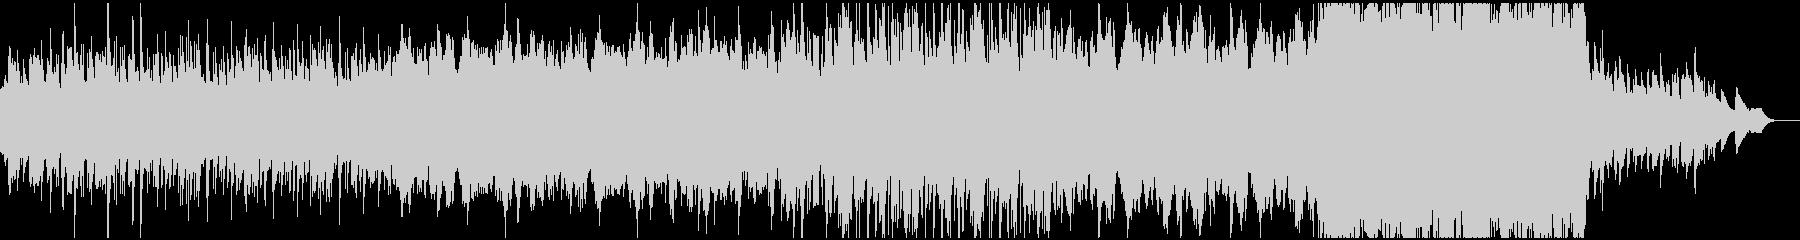 ハープと弦楽器による静かな夜想曲の未再生の波形